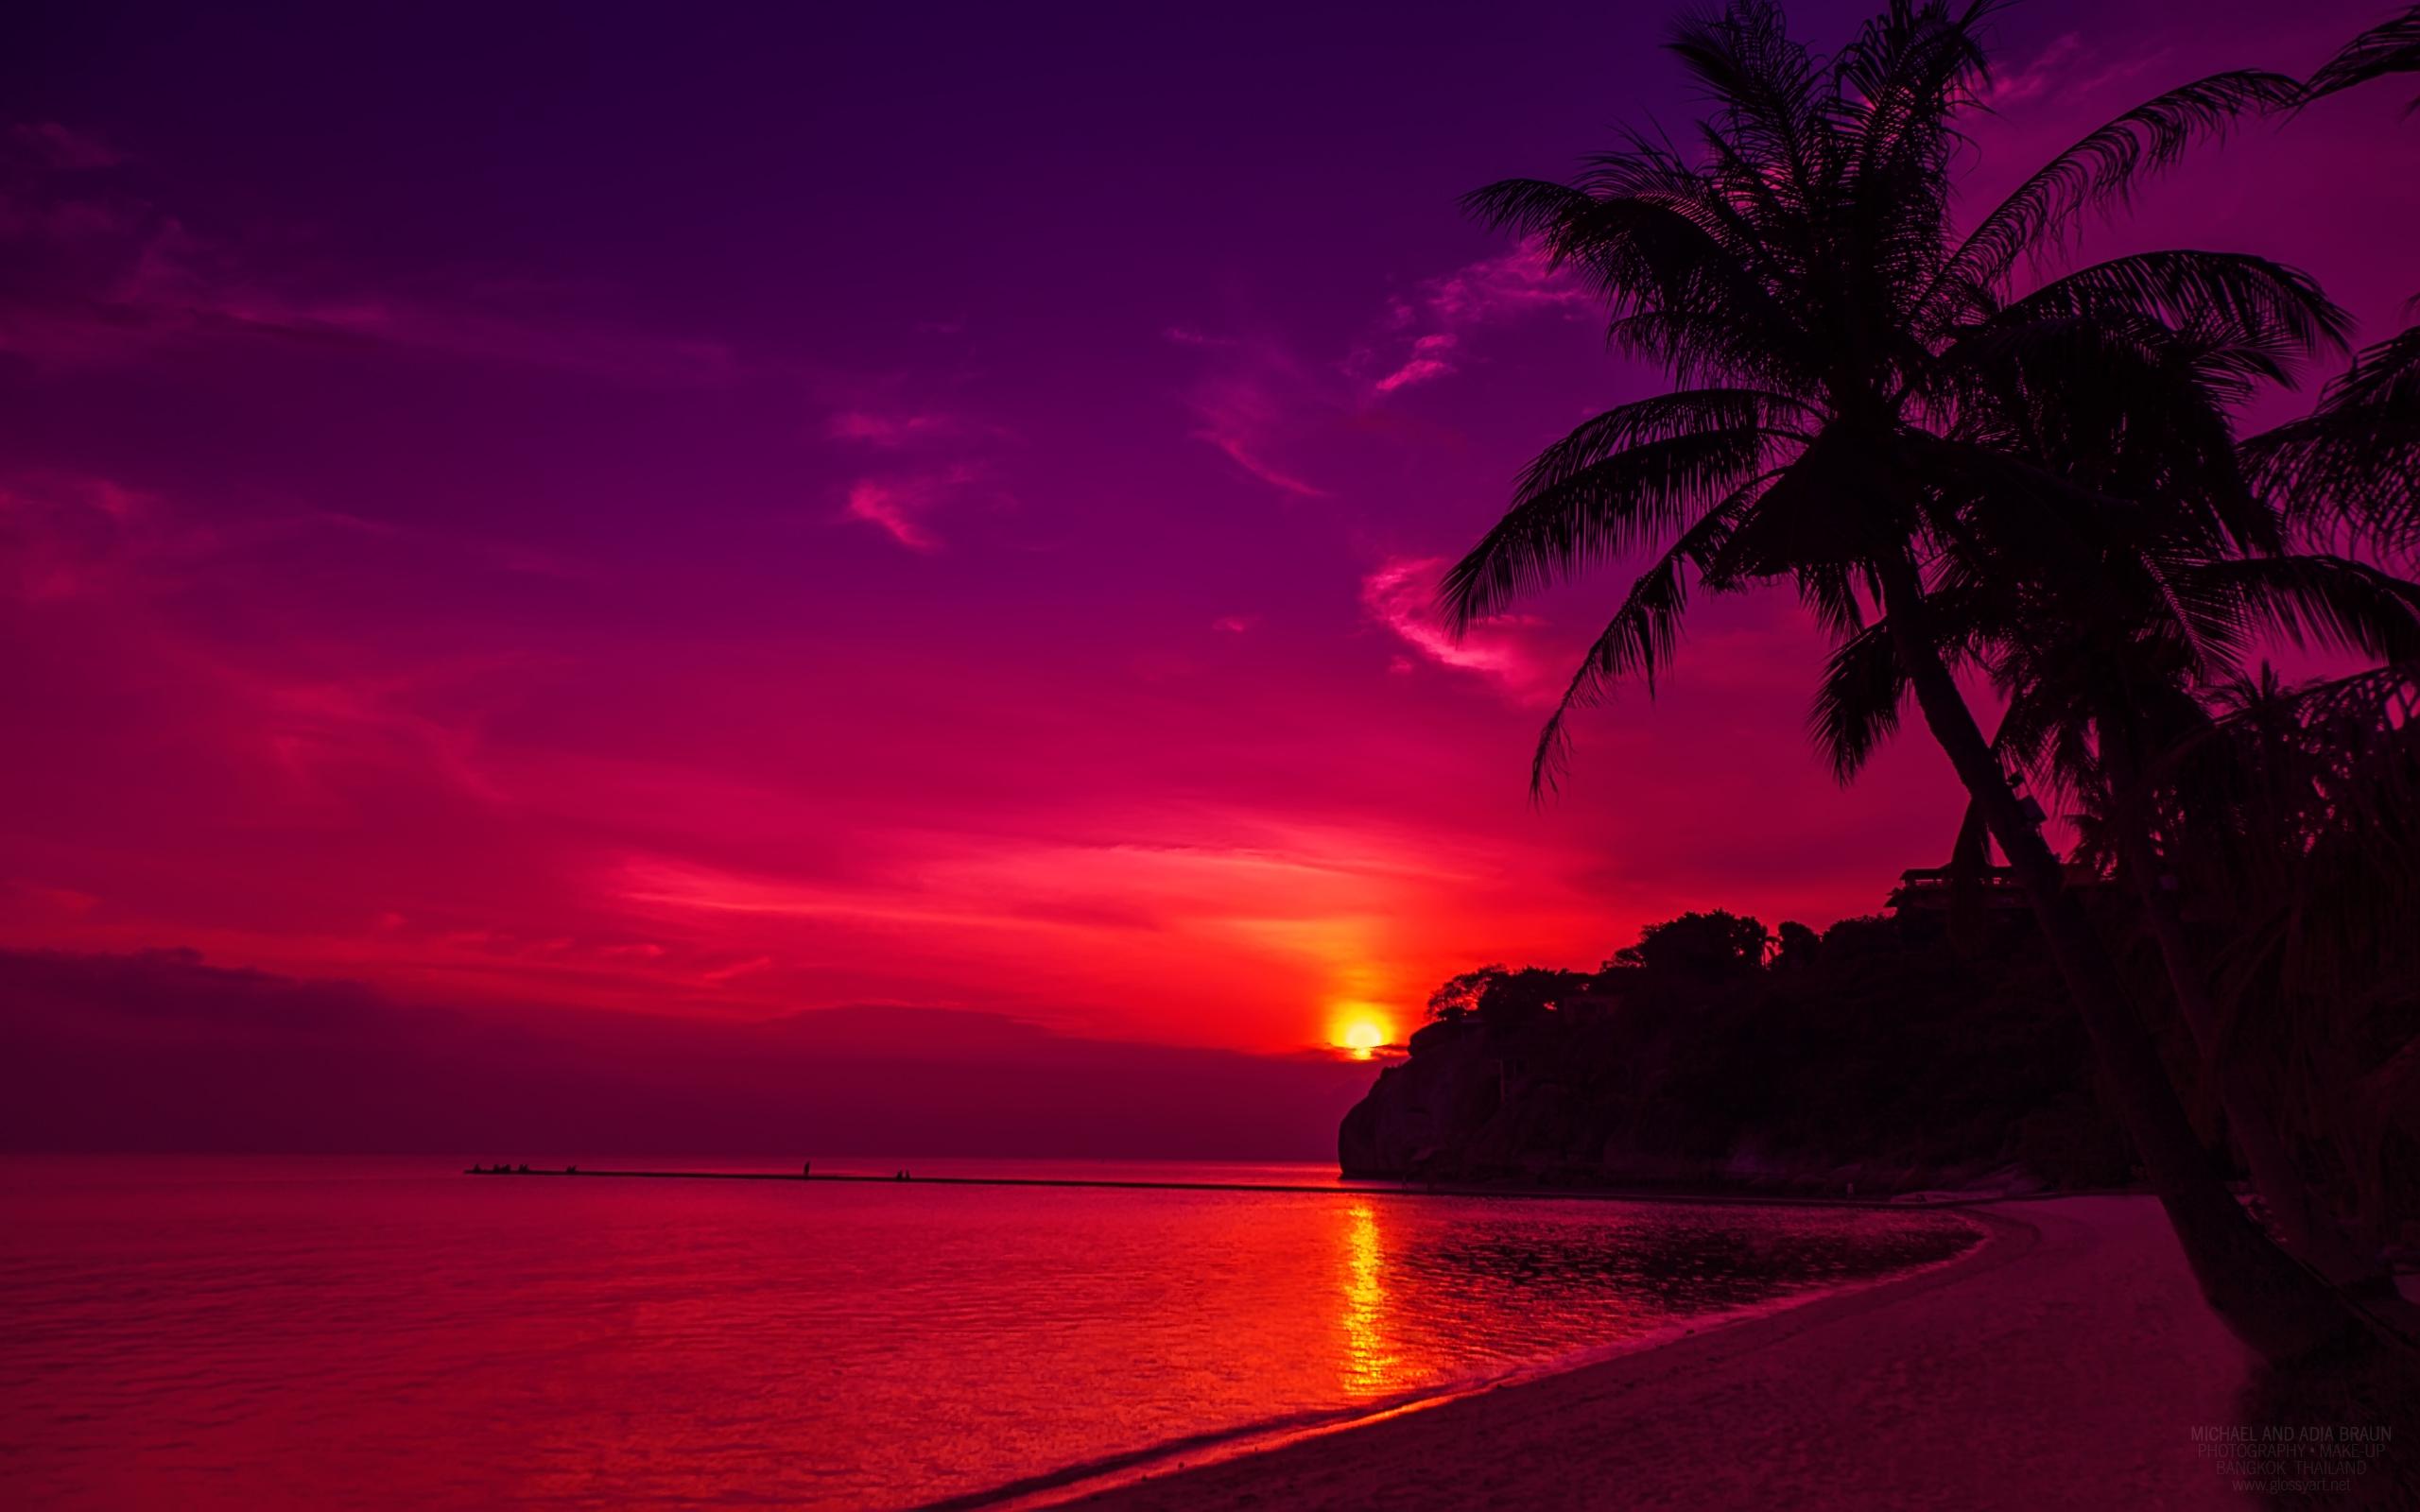 HD Wallpapers Thail Beach Sunset